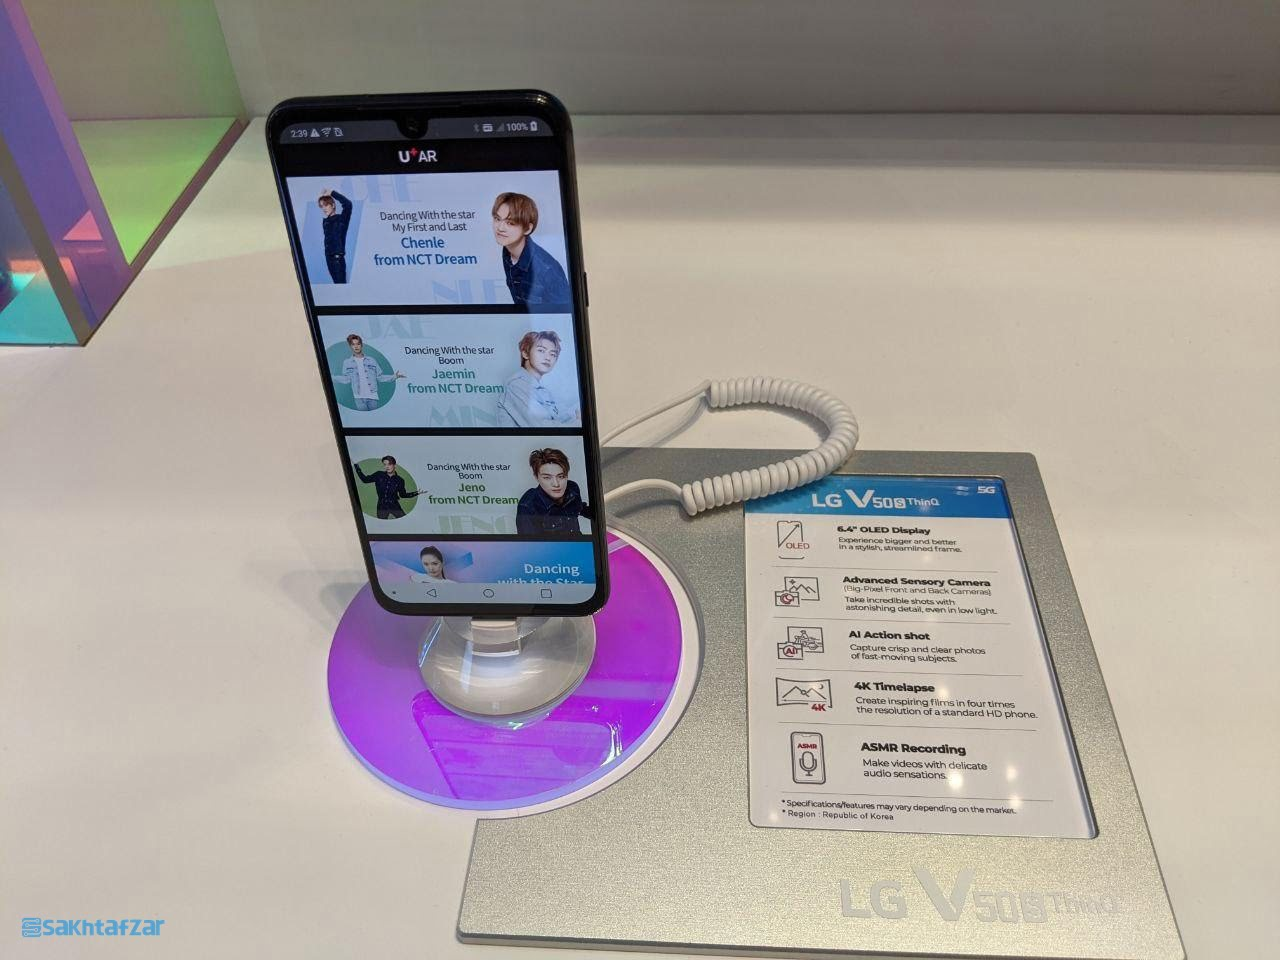 اختصاصی: بازدید از ماشین خودران و گوشی خاص الجی در CES 2020 (بخش دوم)